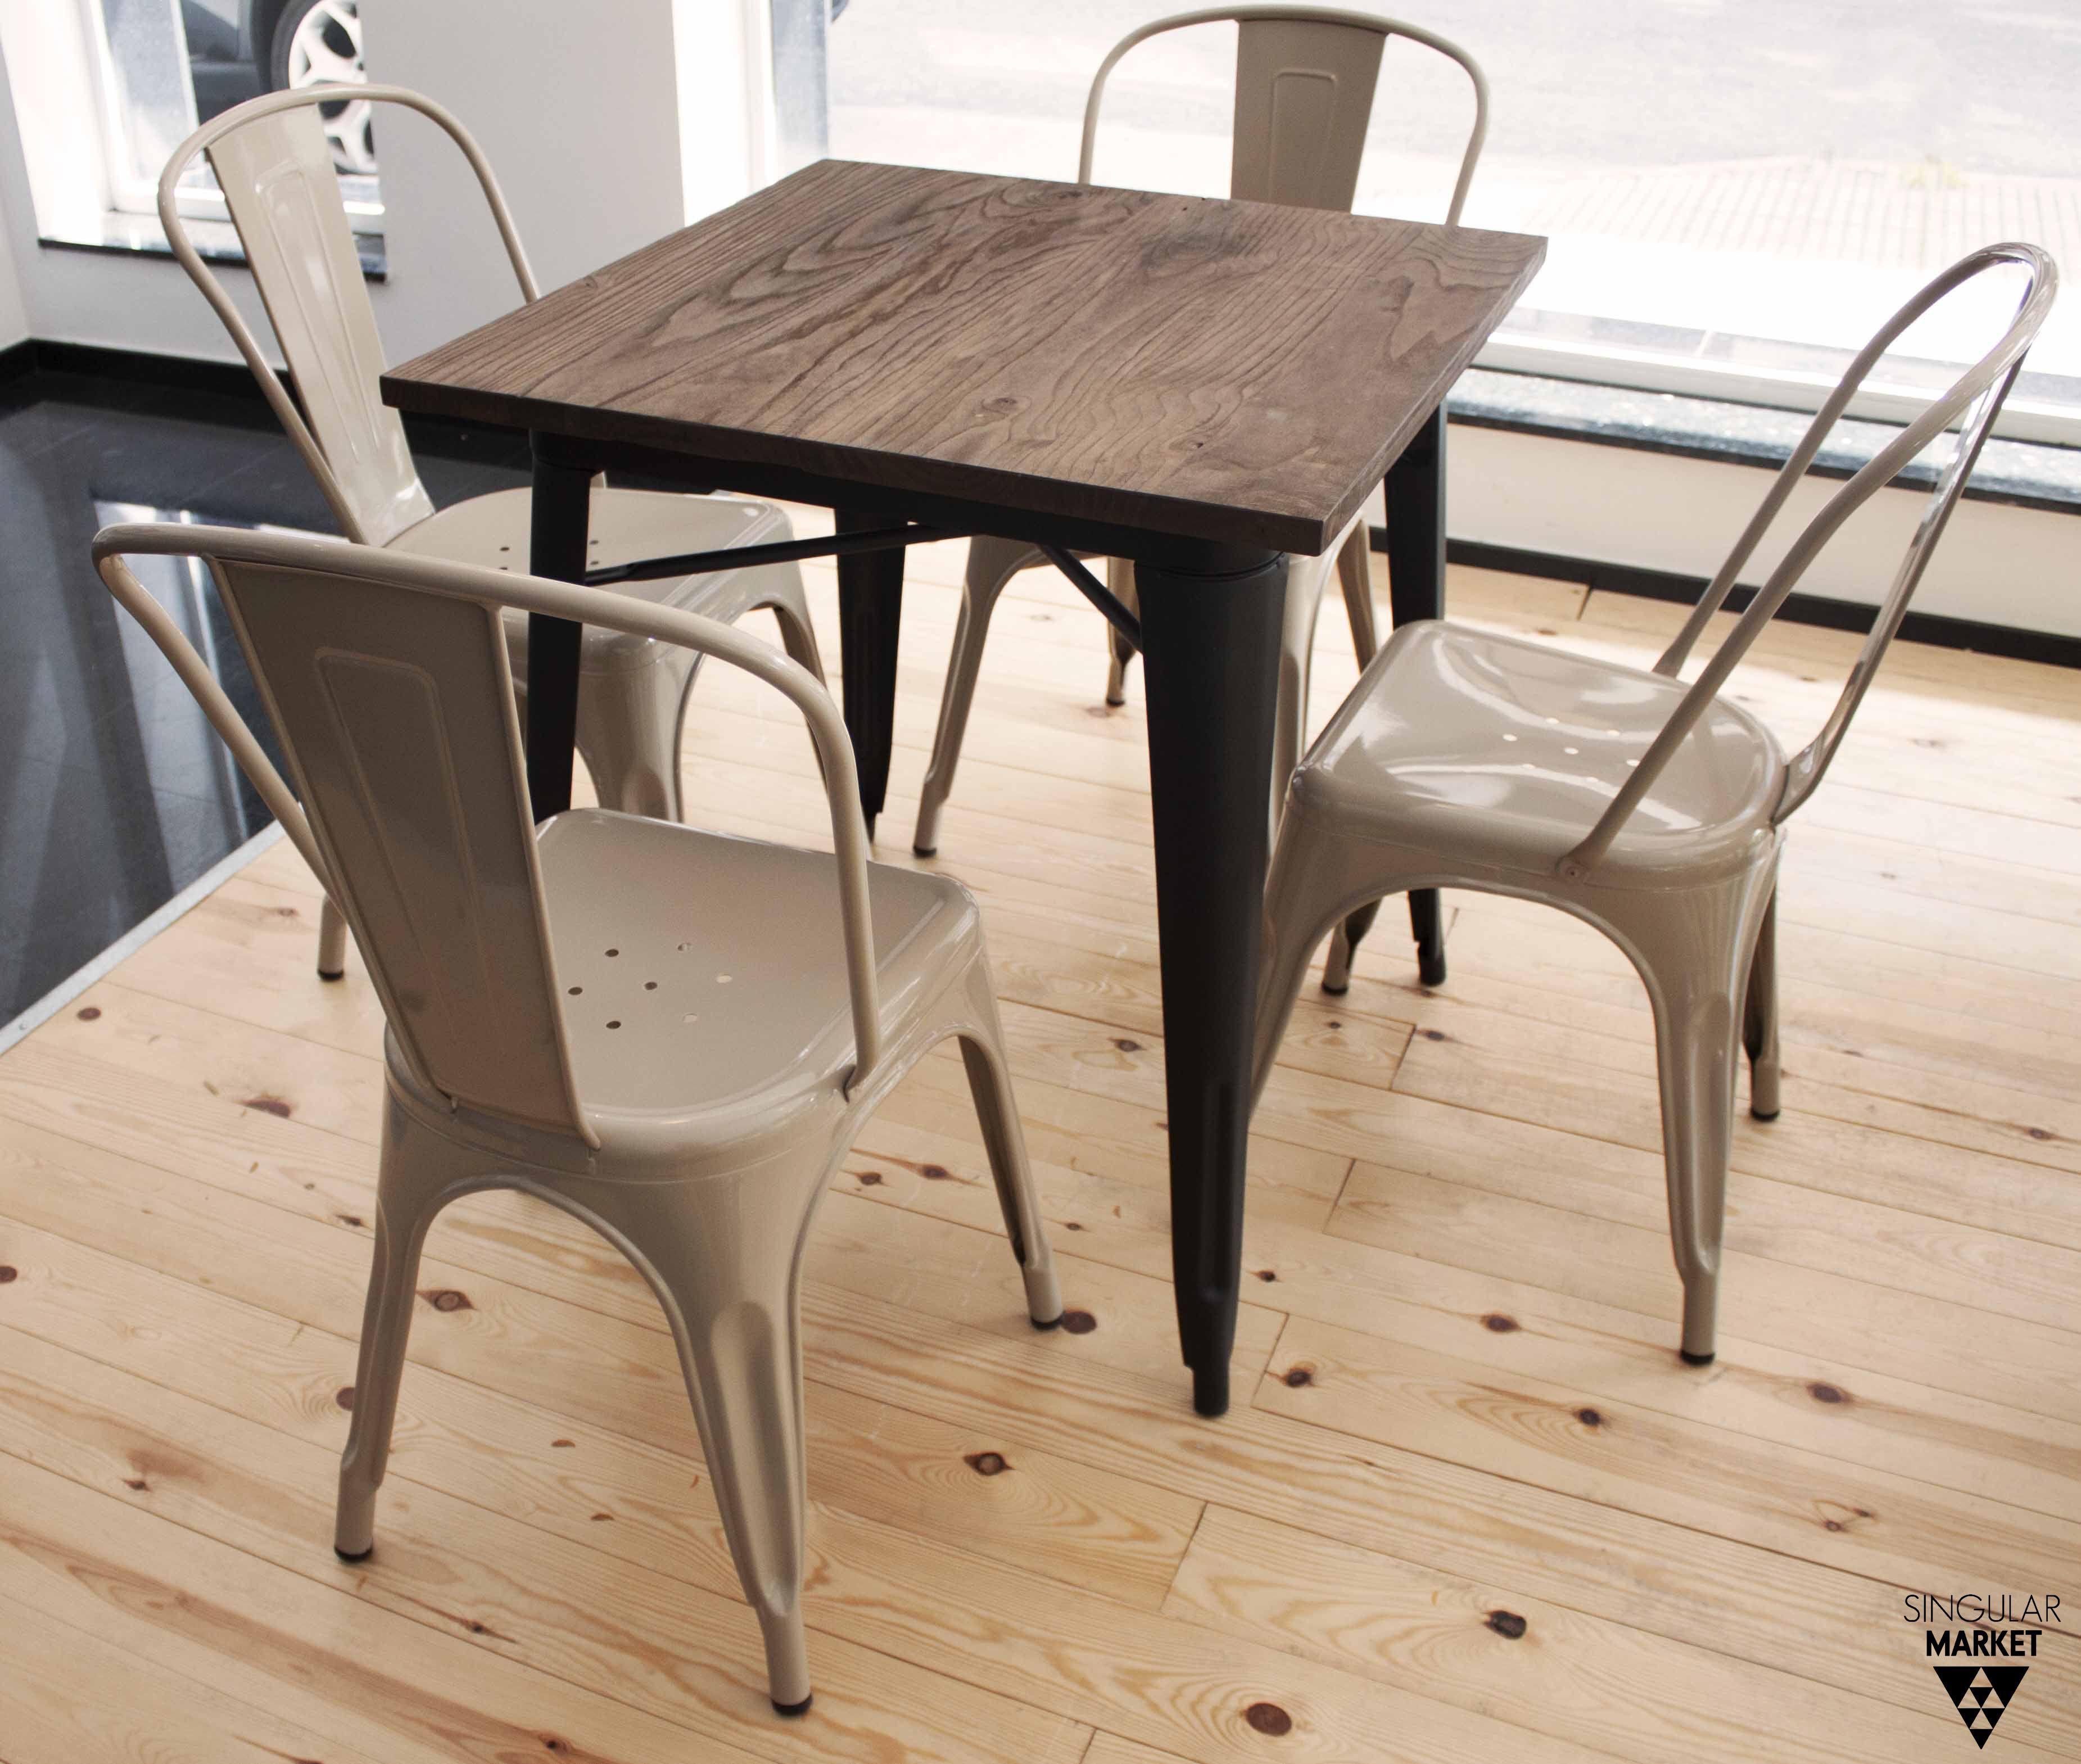 Mesa estilo tolix y sillas estilo industrial color crema